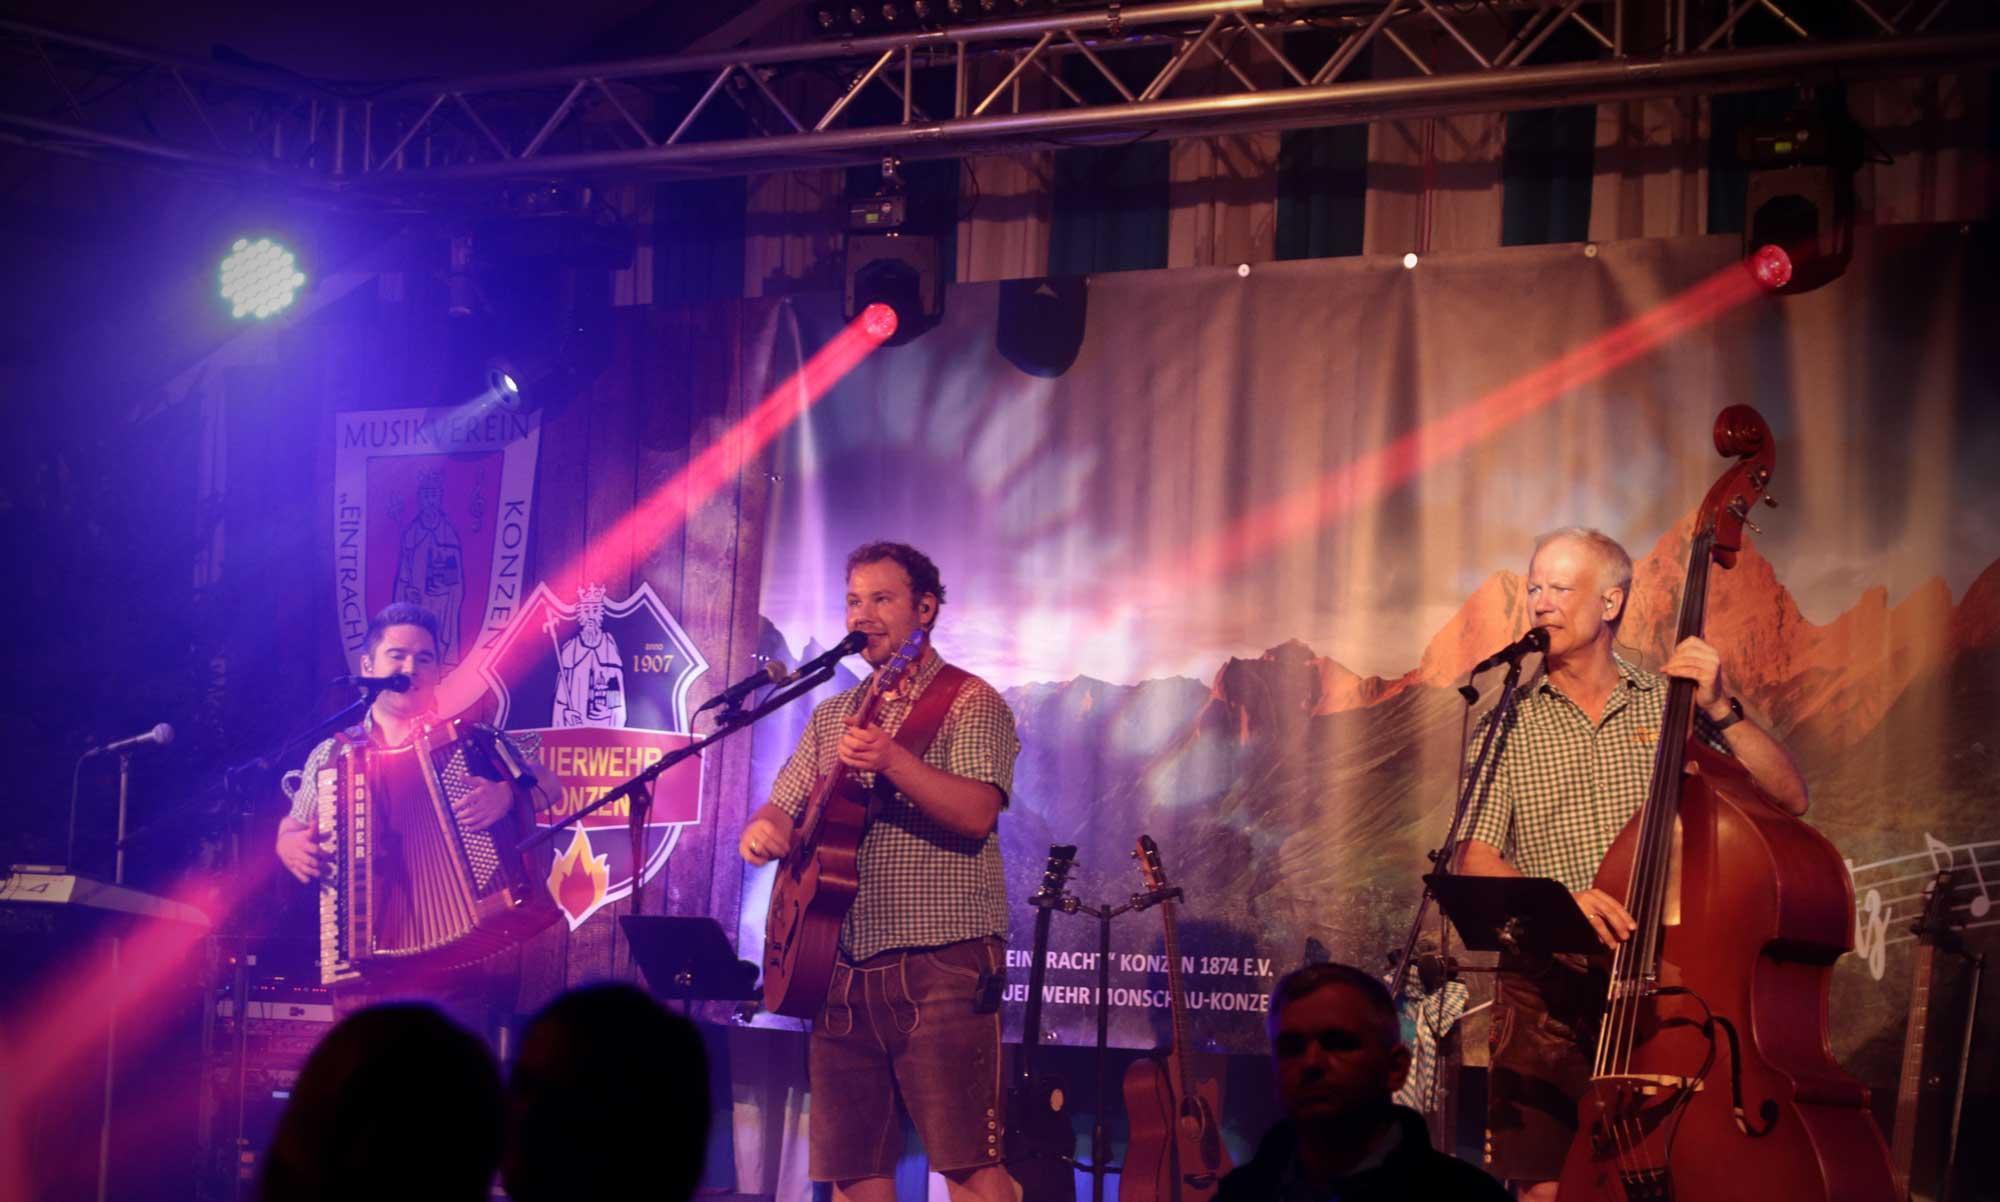 Musiker spielen als bayerische Band